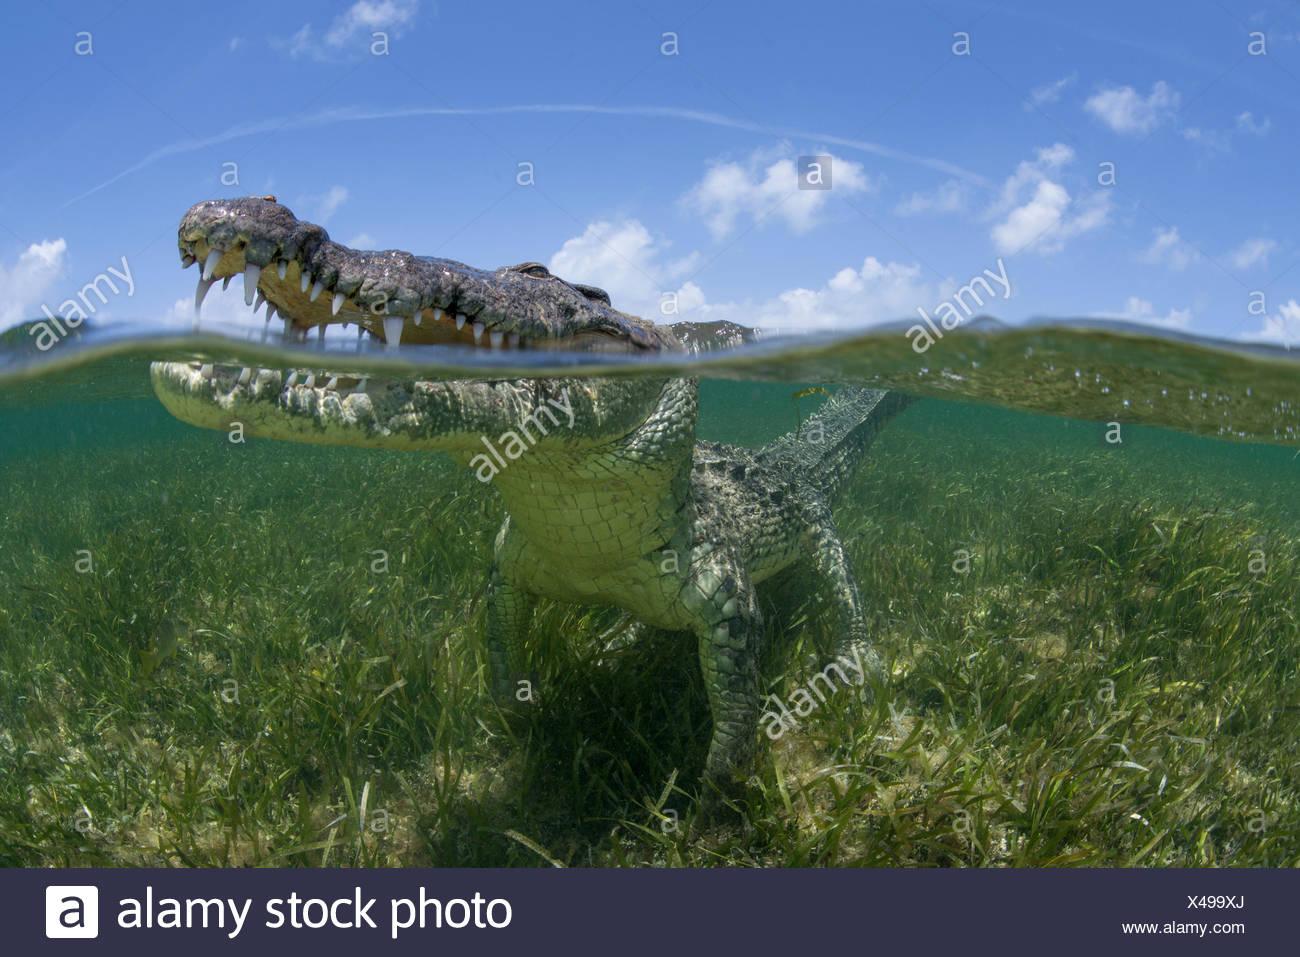 Amerikanisches Krokodil mit Blick vom seichten Wassern von Chinchorro-Atoll-Biosphären-Reservat, Quintana Roo, Mexiko Stockbild